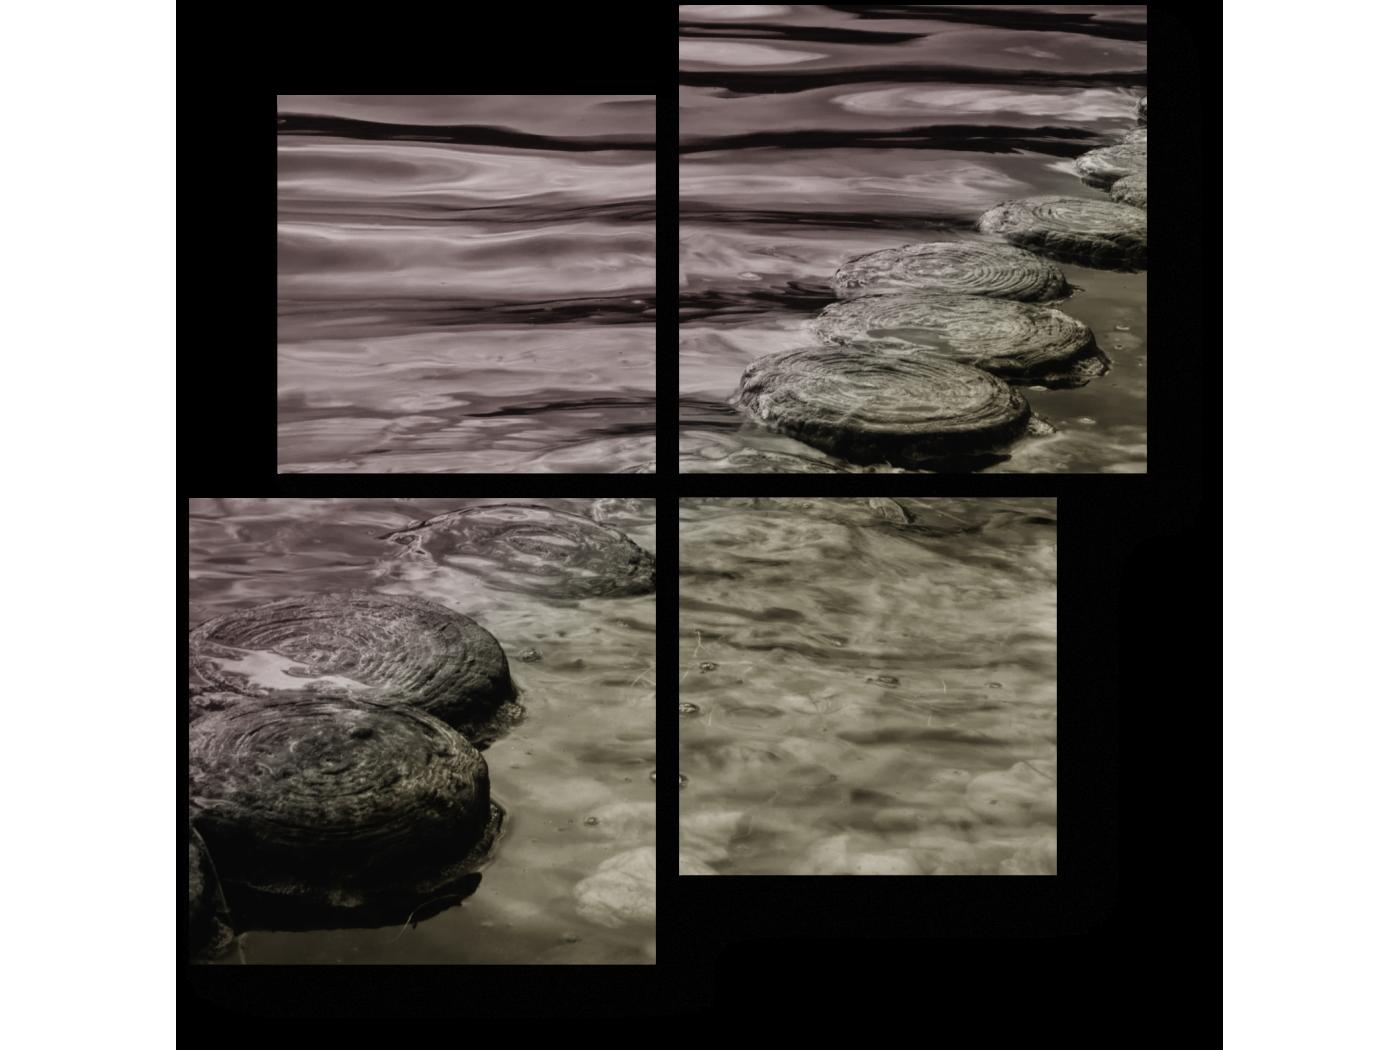 Модульная картина Релаксация (50x50) фото